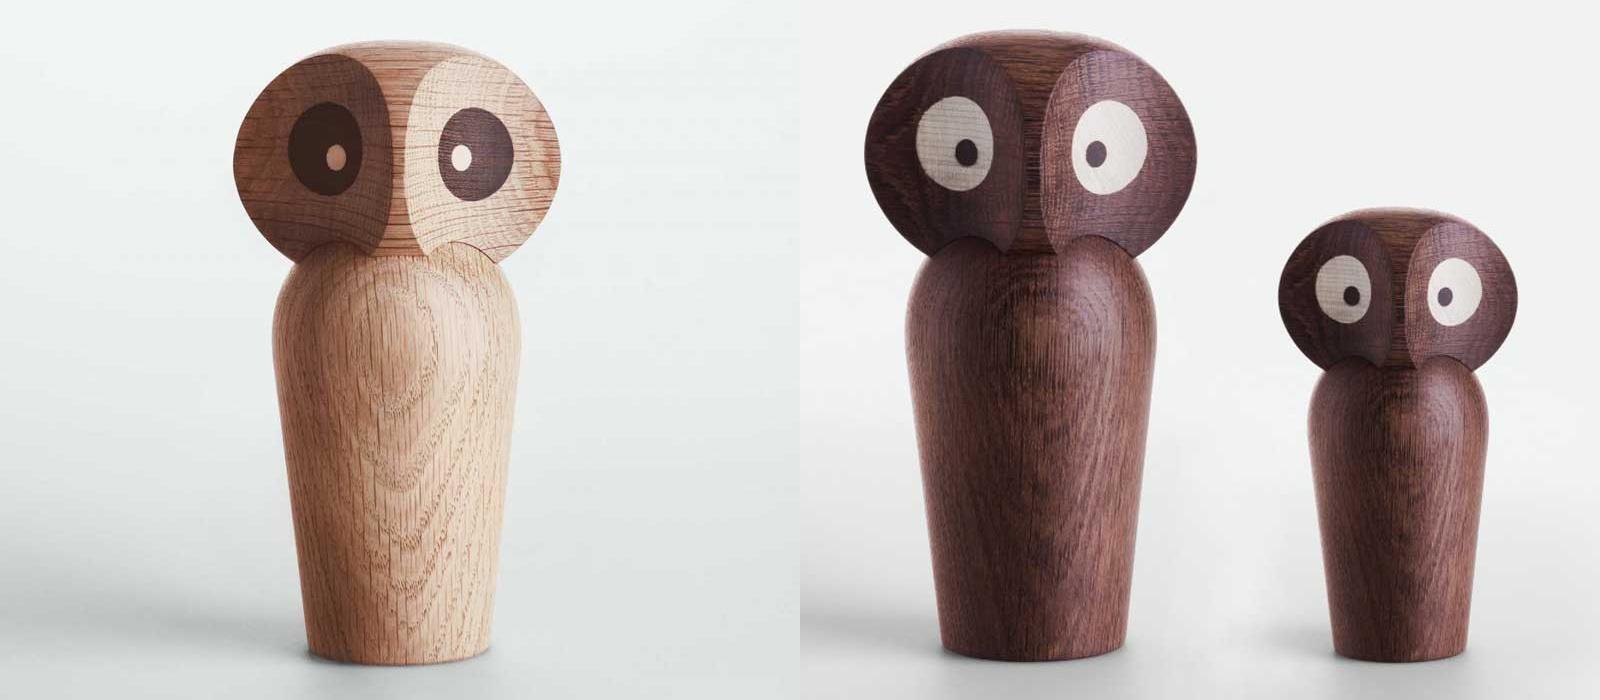 بررسی و خرید آنلاین مجسمه چوبی دکوری جغد کد NS218